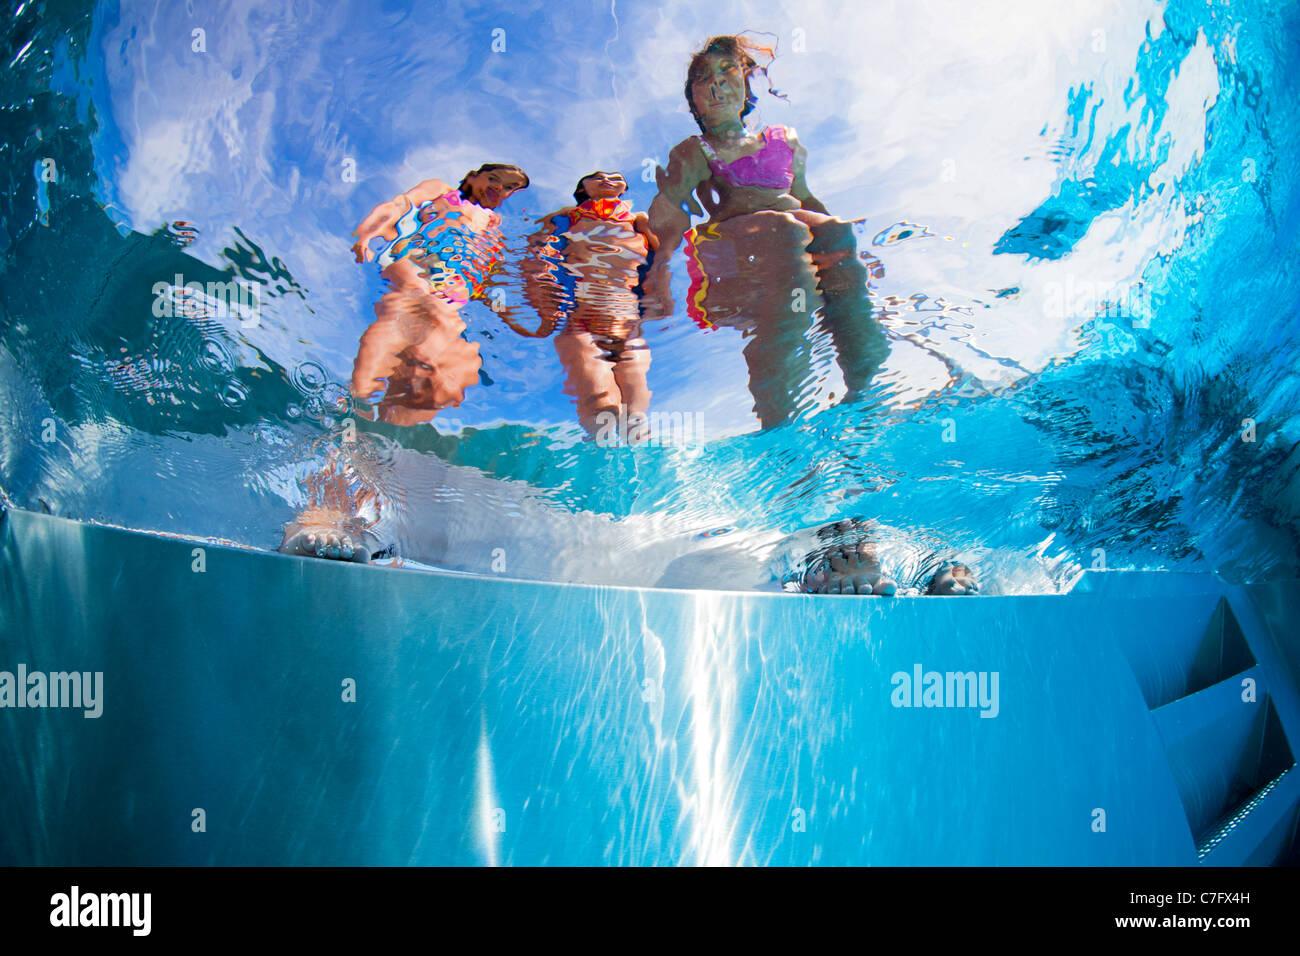 Los niños al lado de una piscina al aire libre (Bellerive-sur-Allier - Francia). Vista submarina. Imagen De Stock